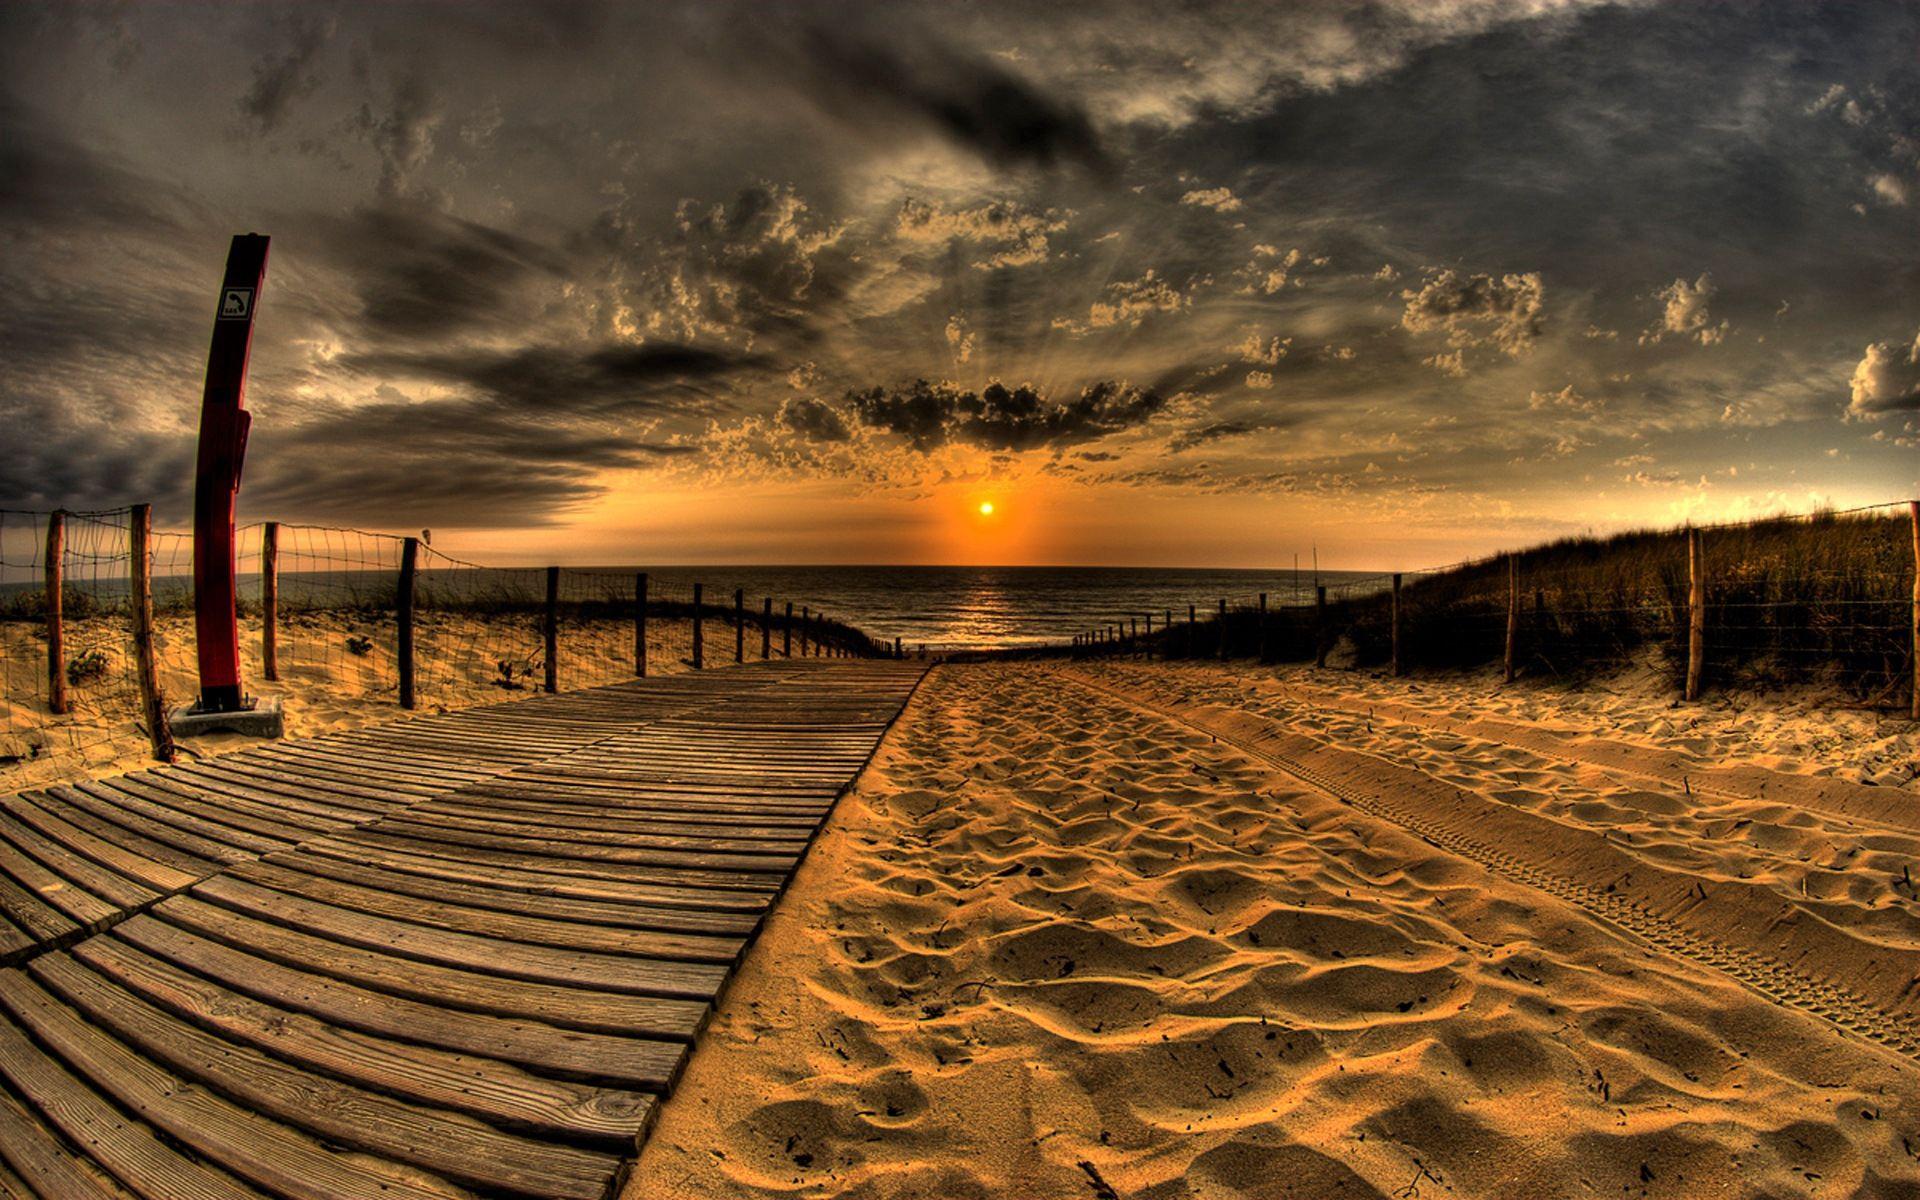 151885 скачать обои Закат, Пляж, Природа, Облака, Песок, Небо, Солнце, Дорога, Забор, Вечер, Следы - заставки и картинки бесплатно